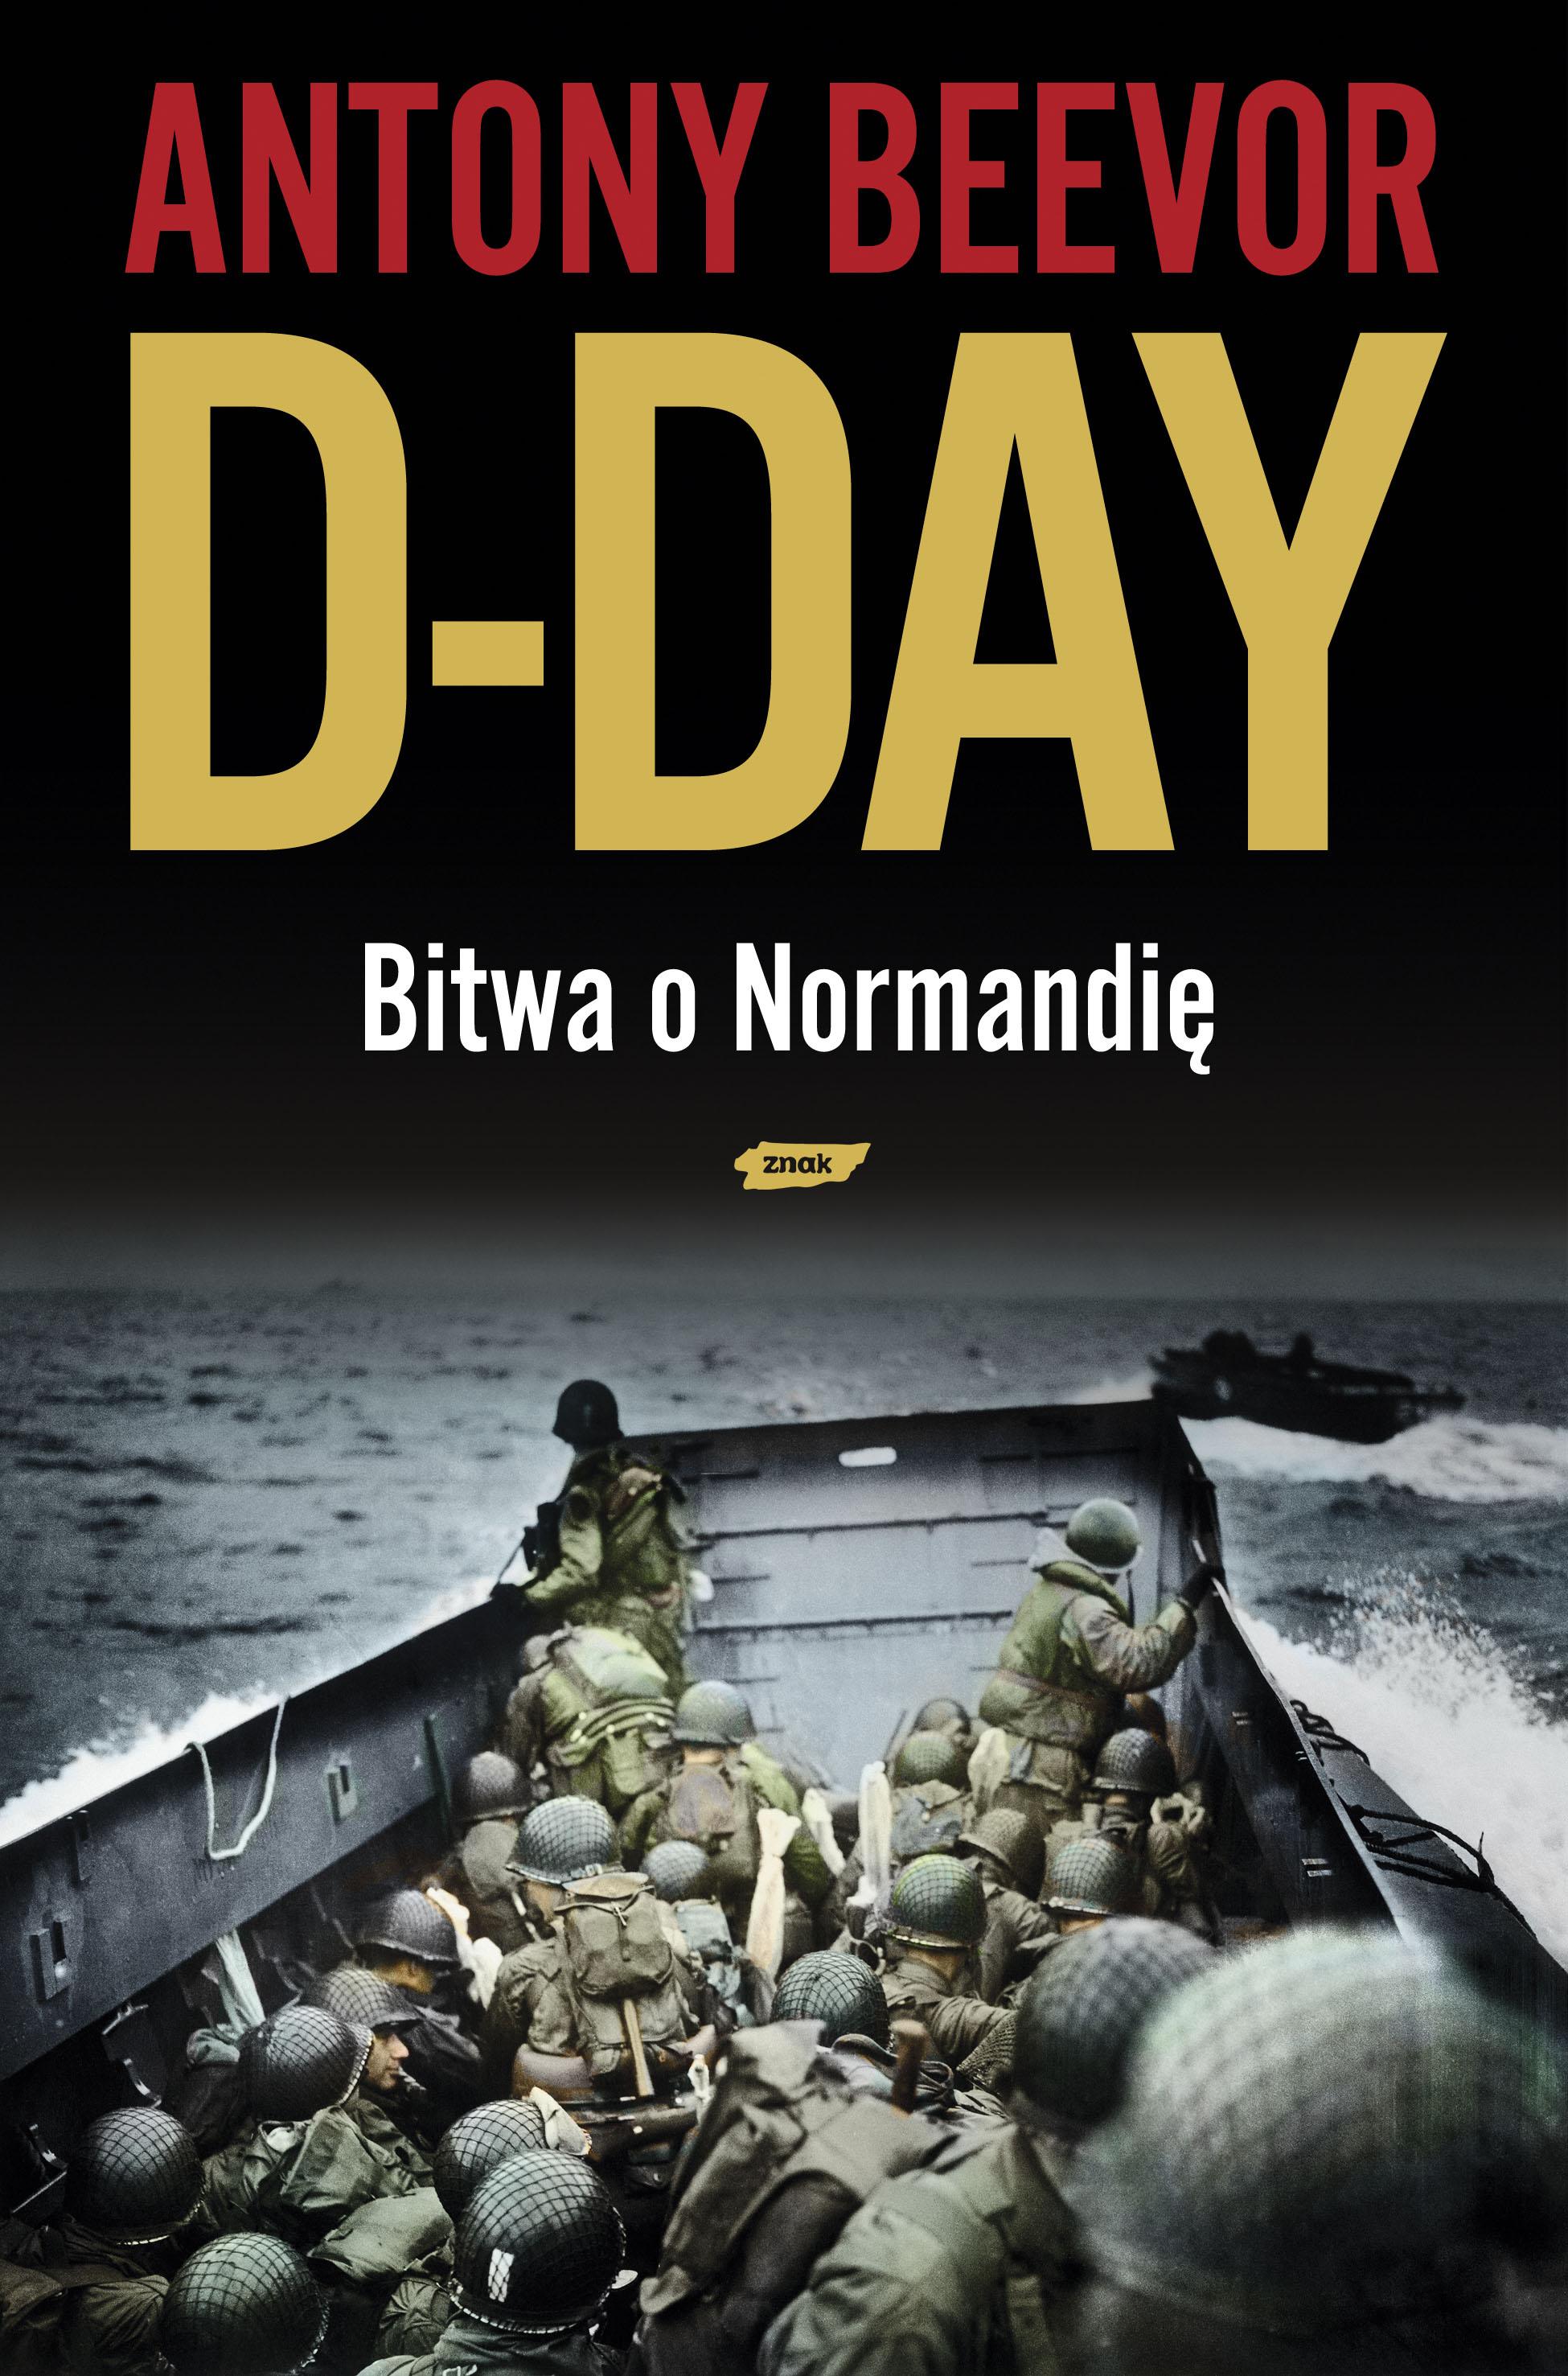 """Artykuł stanowi fragment książki Antony'ego Beevora """"D-Day. Bitwa o Normandię"""", wydanej nakładem wydawnictwa Znak Horyzont."""